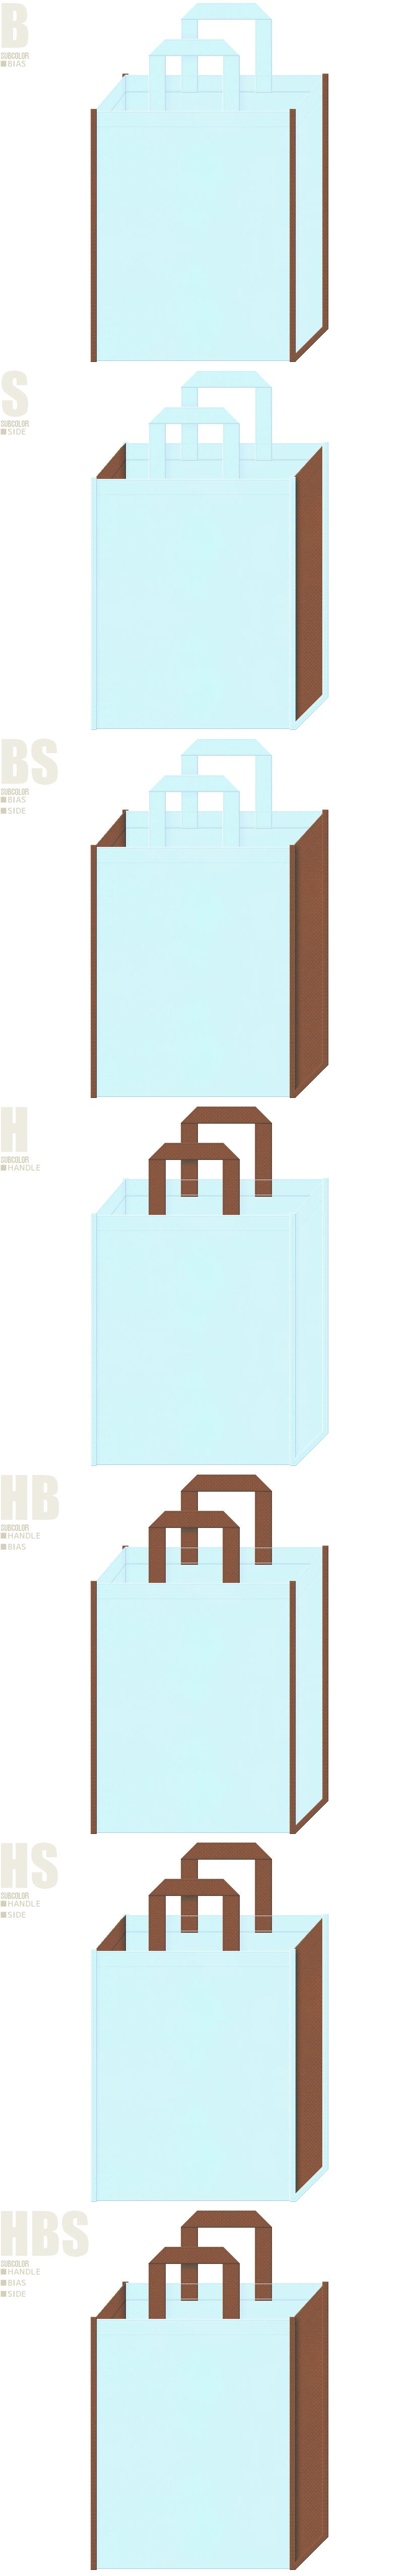 ミントチョコレート風な水色と茶色-7パターンの不織布トートバッグ配色デザイン例